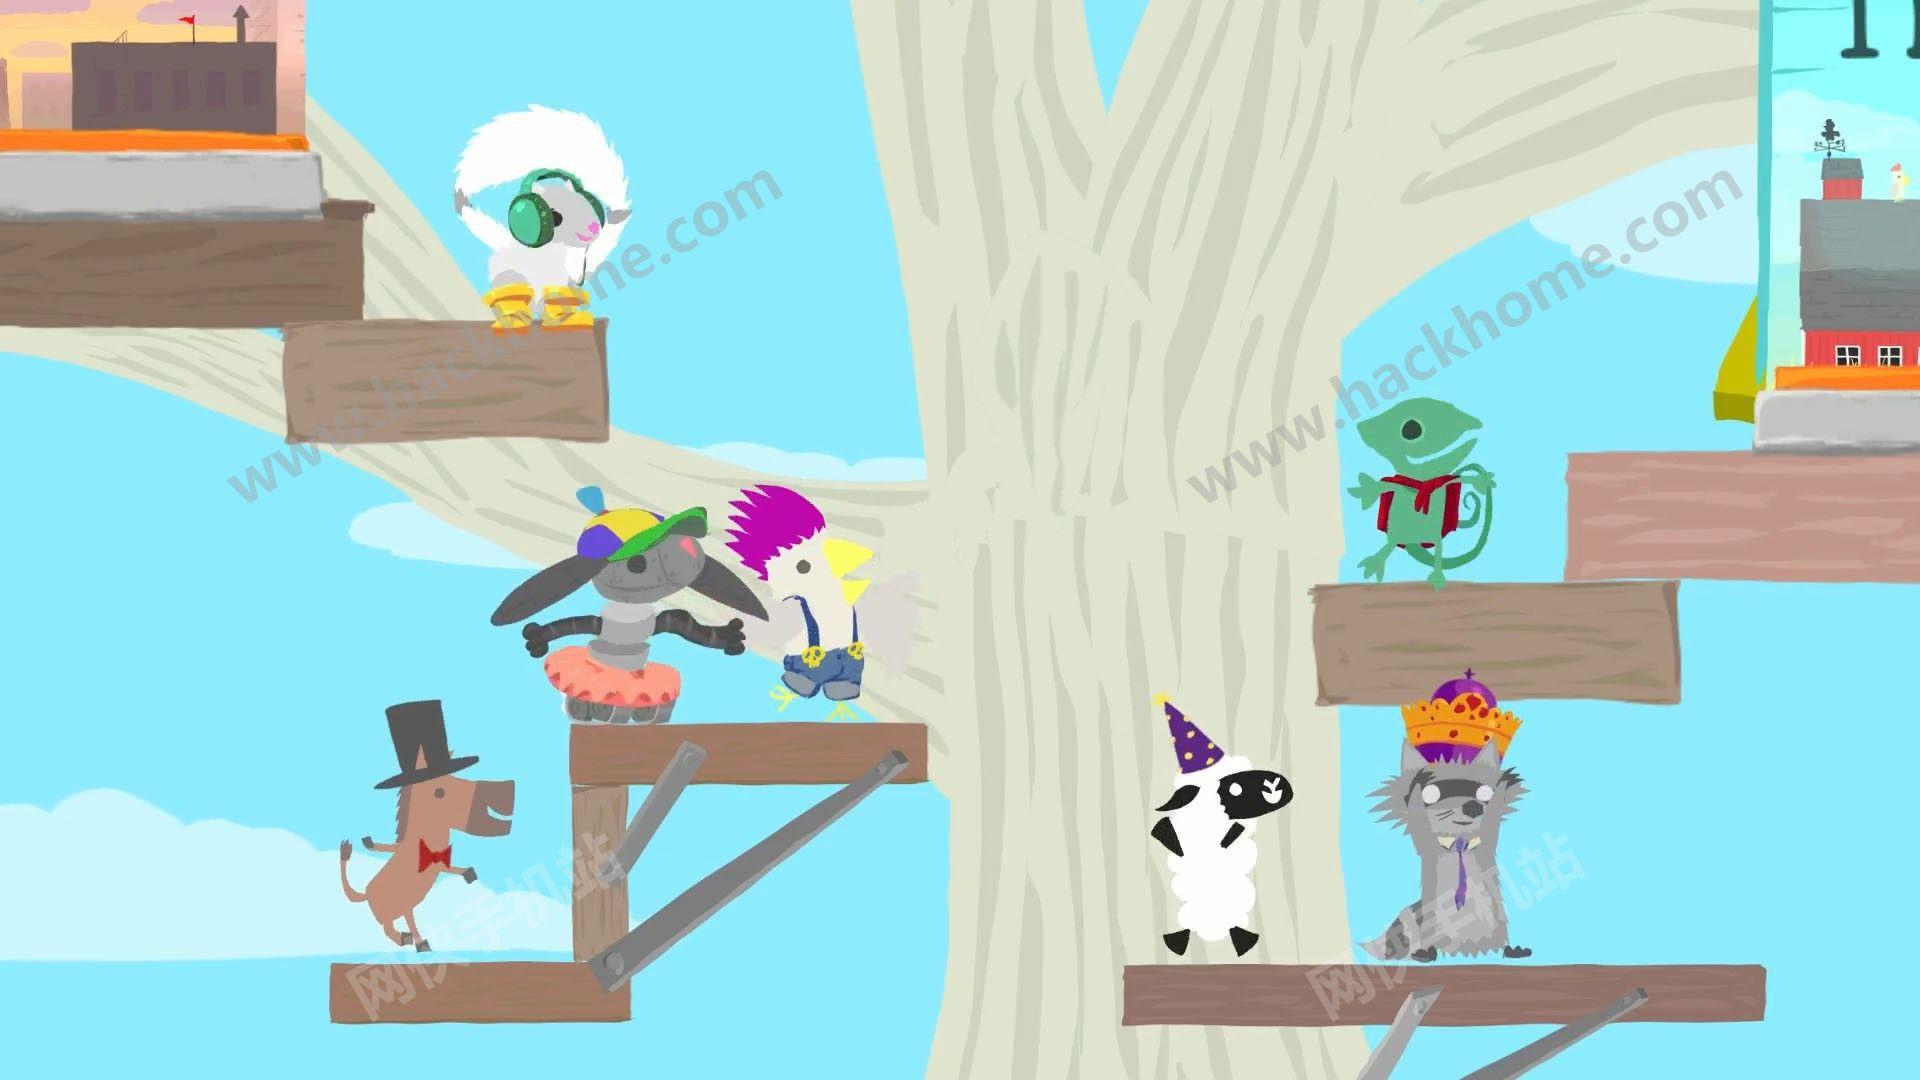 超级鸡马手机版安卓版下载(Ultimate Chicken Horse)图1: